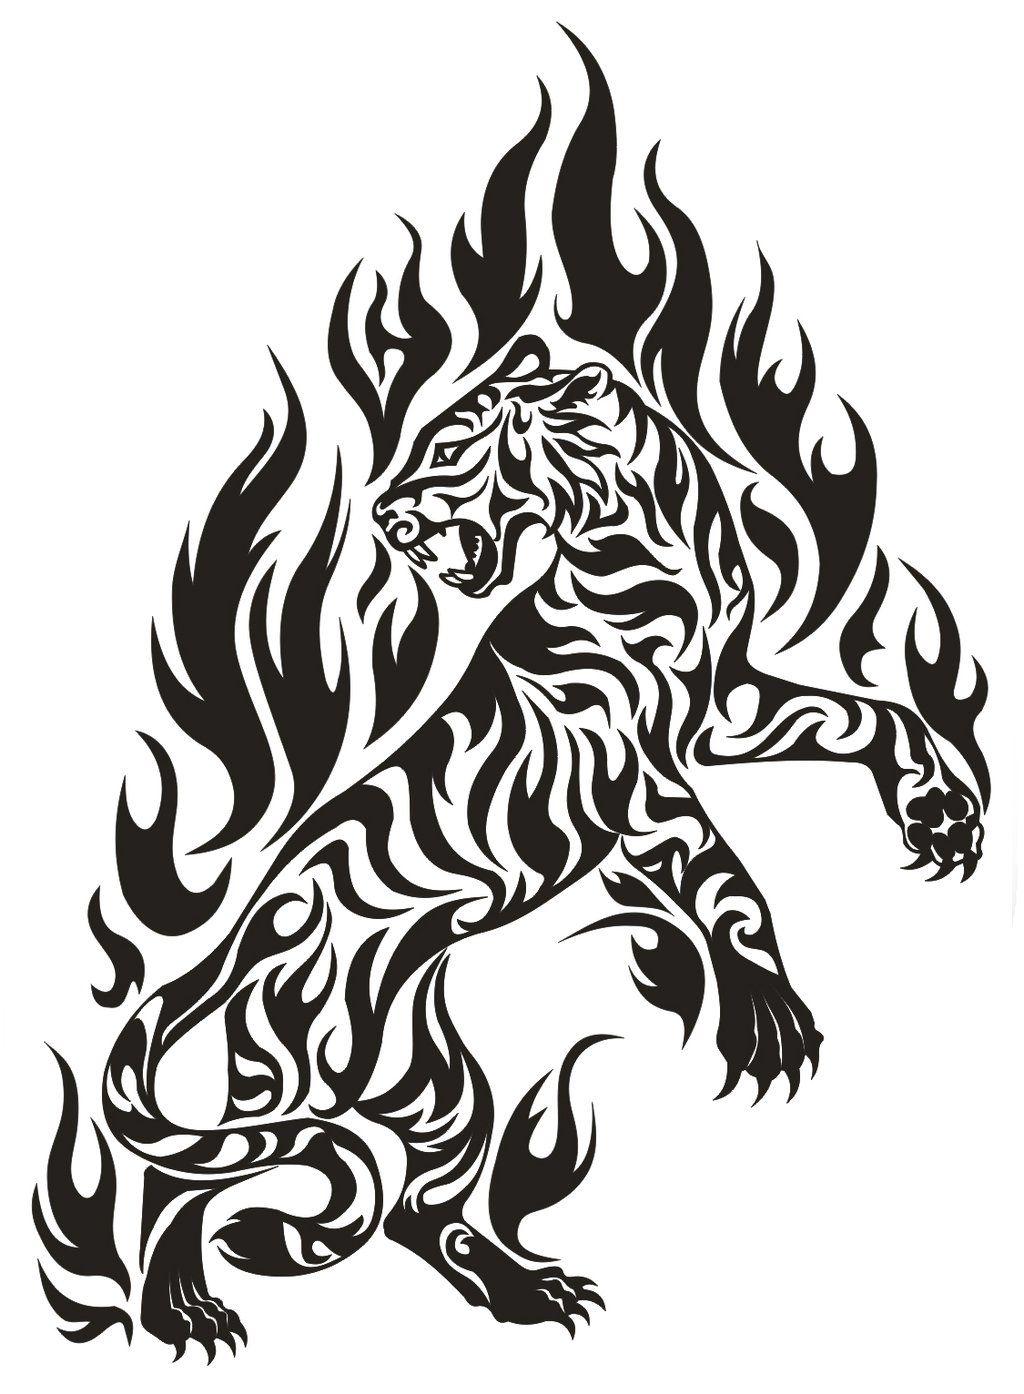 Tribal-Tattoos f65161bee825f34d3bdf688887112a98